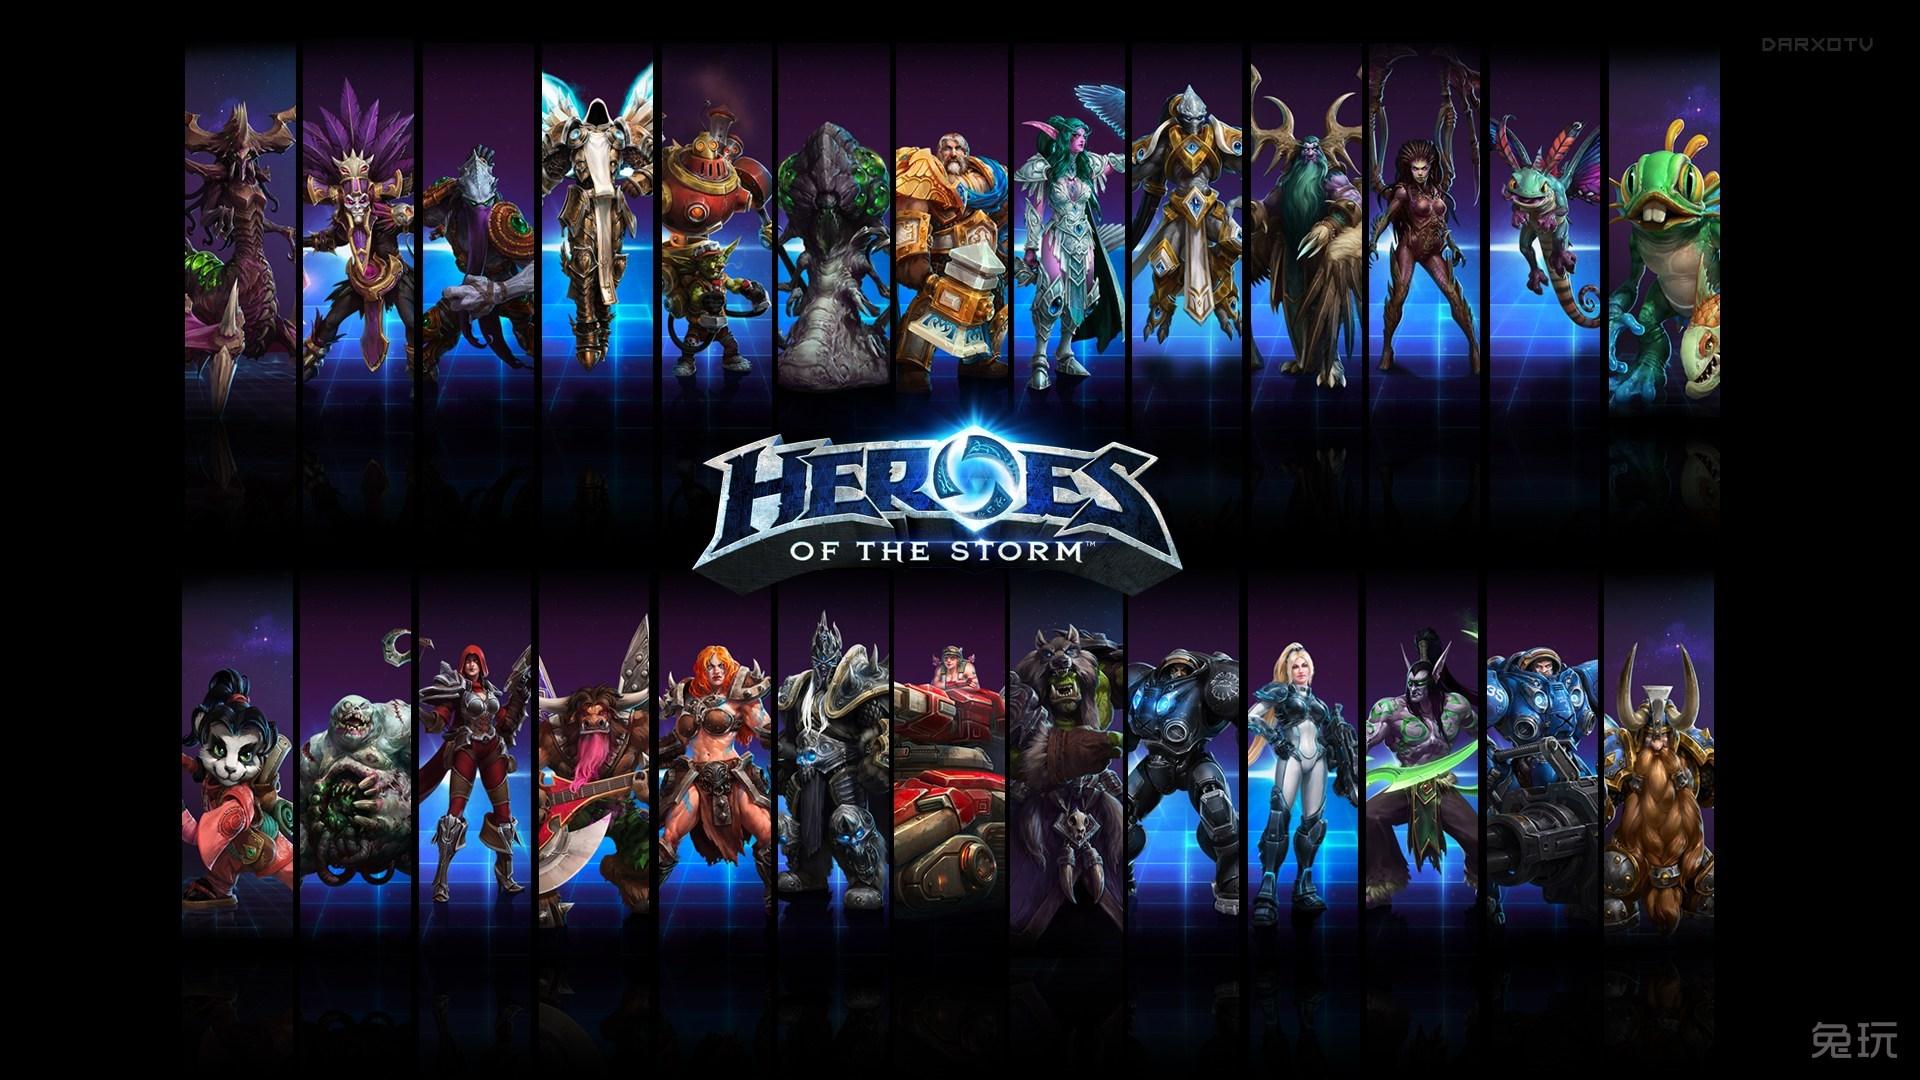 风暴英雄游戏高清 电脑 桌面 壁纸 高清大图预览1280 风暴英雄英雄高